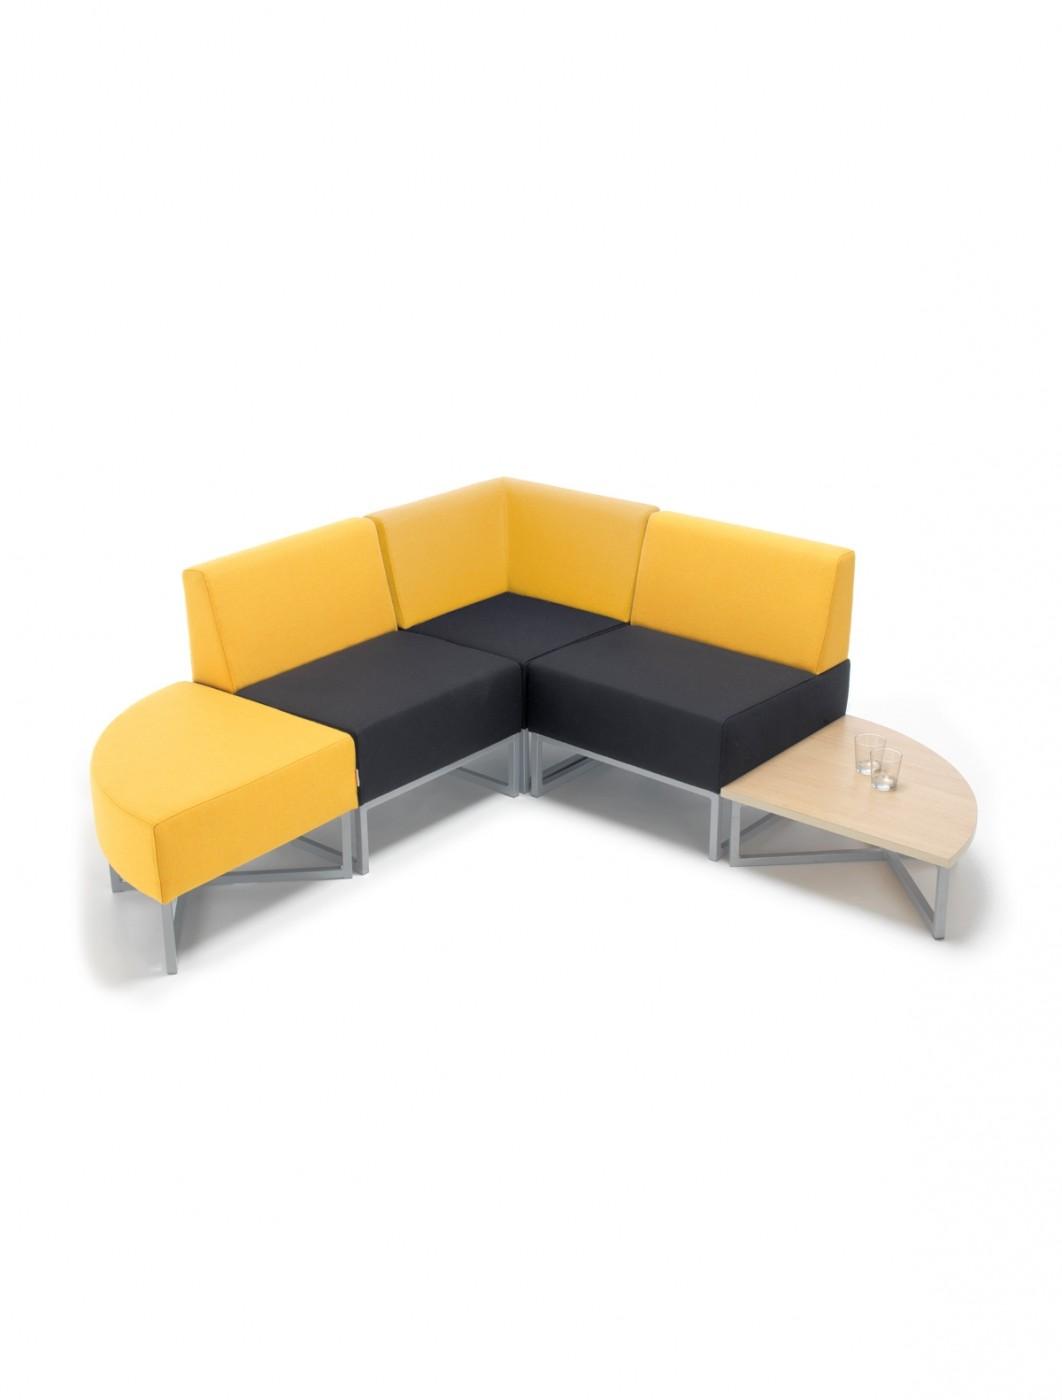 Social Seating - Dams Nera Modular Soft Seating Corner Unit NERA-Q -  enlarged view